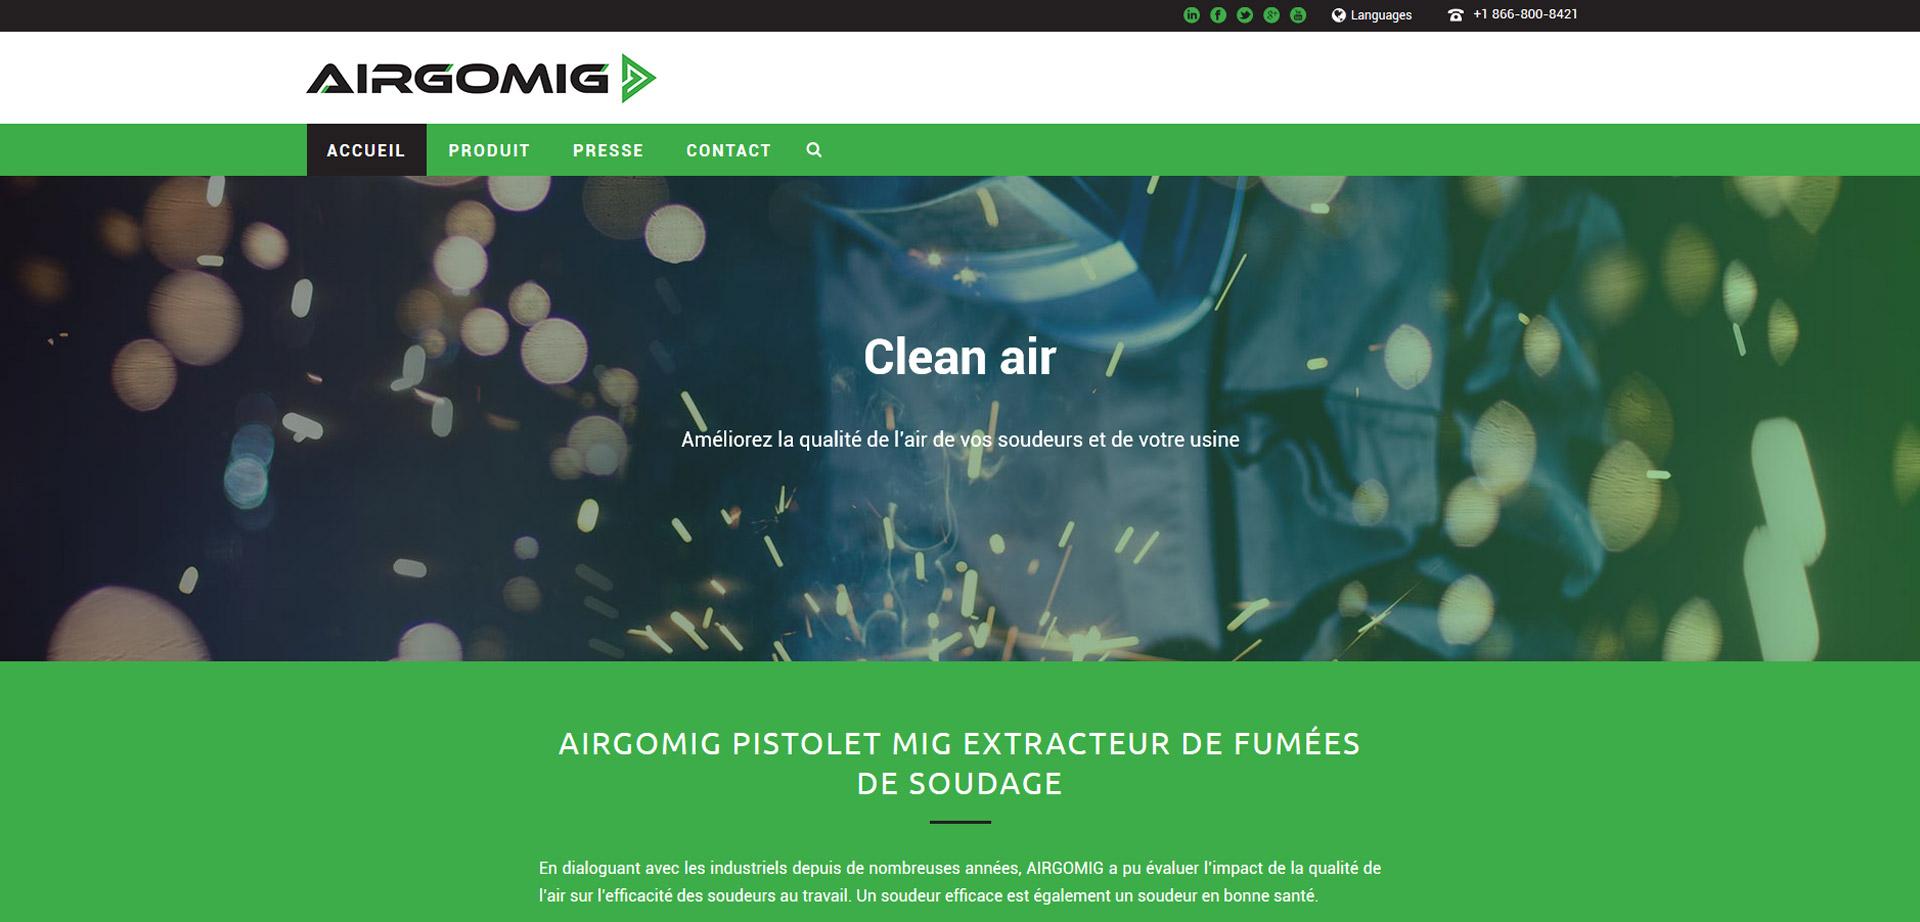 airgomig-1.jpg